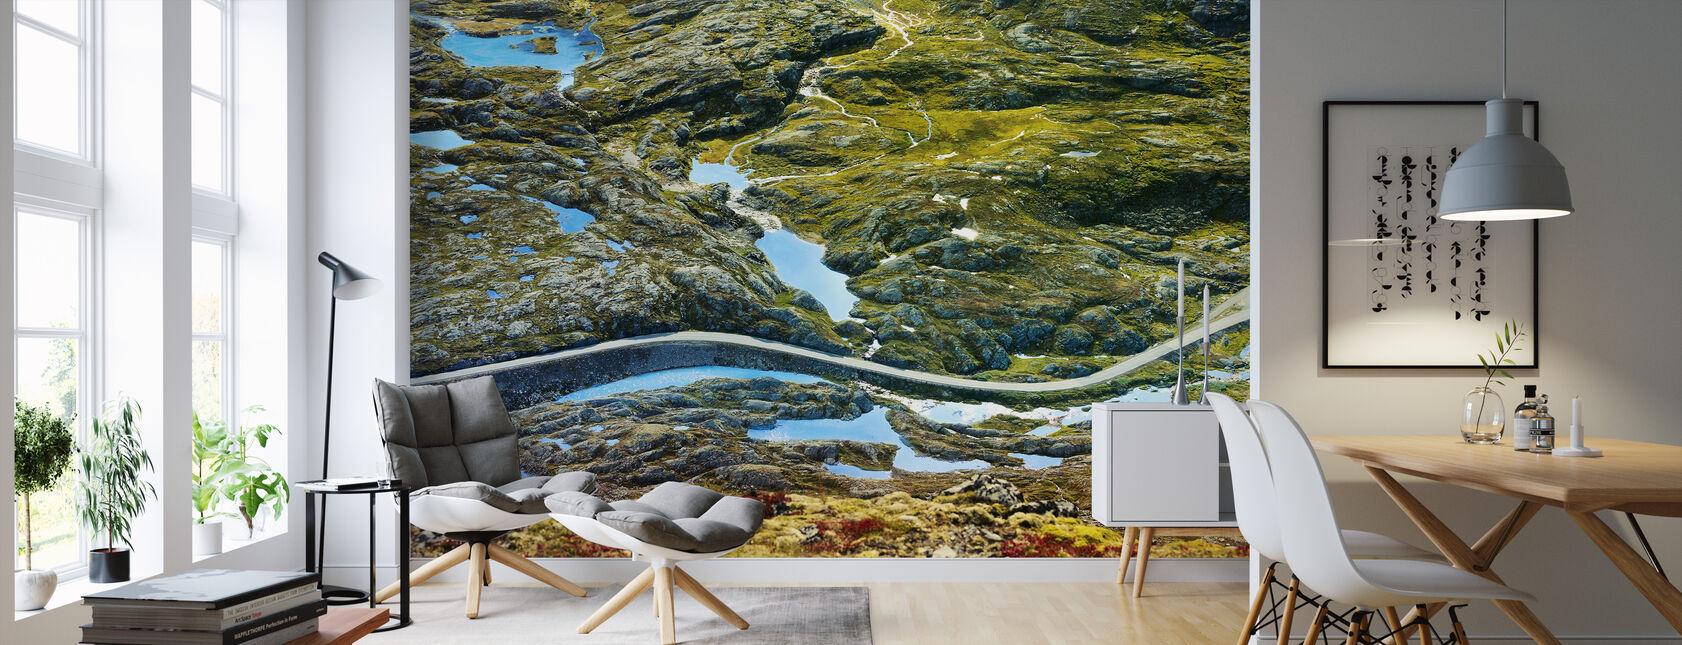 Droga w Geiranger, Norwegia - Tapeta - Pokój dzienny